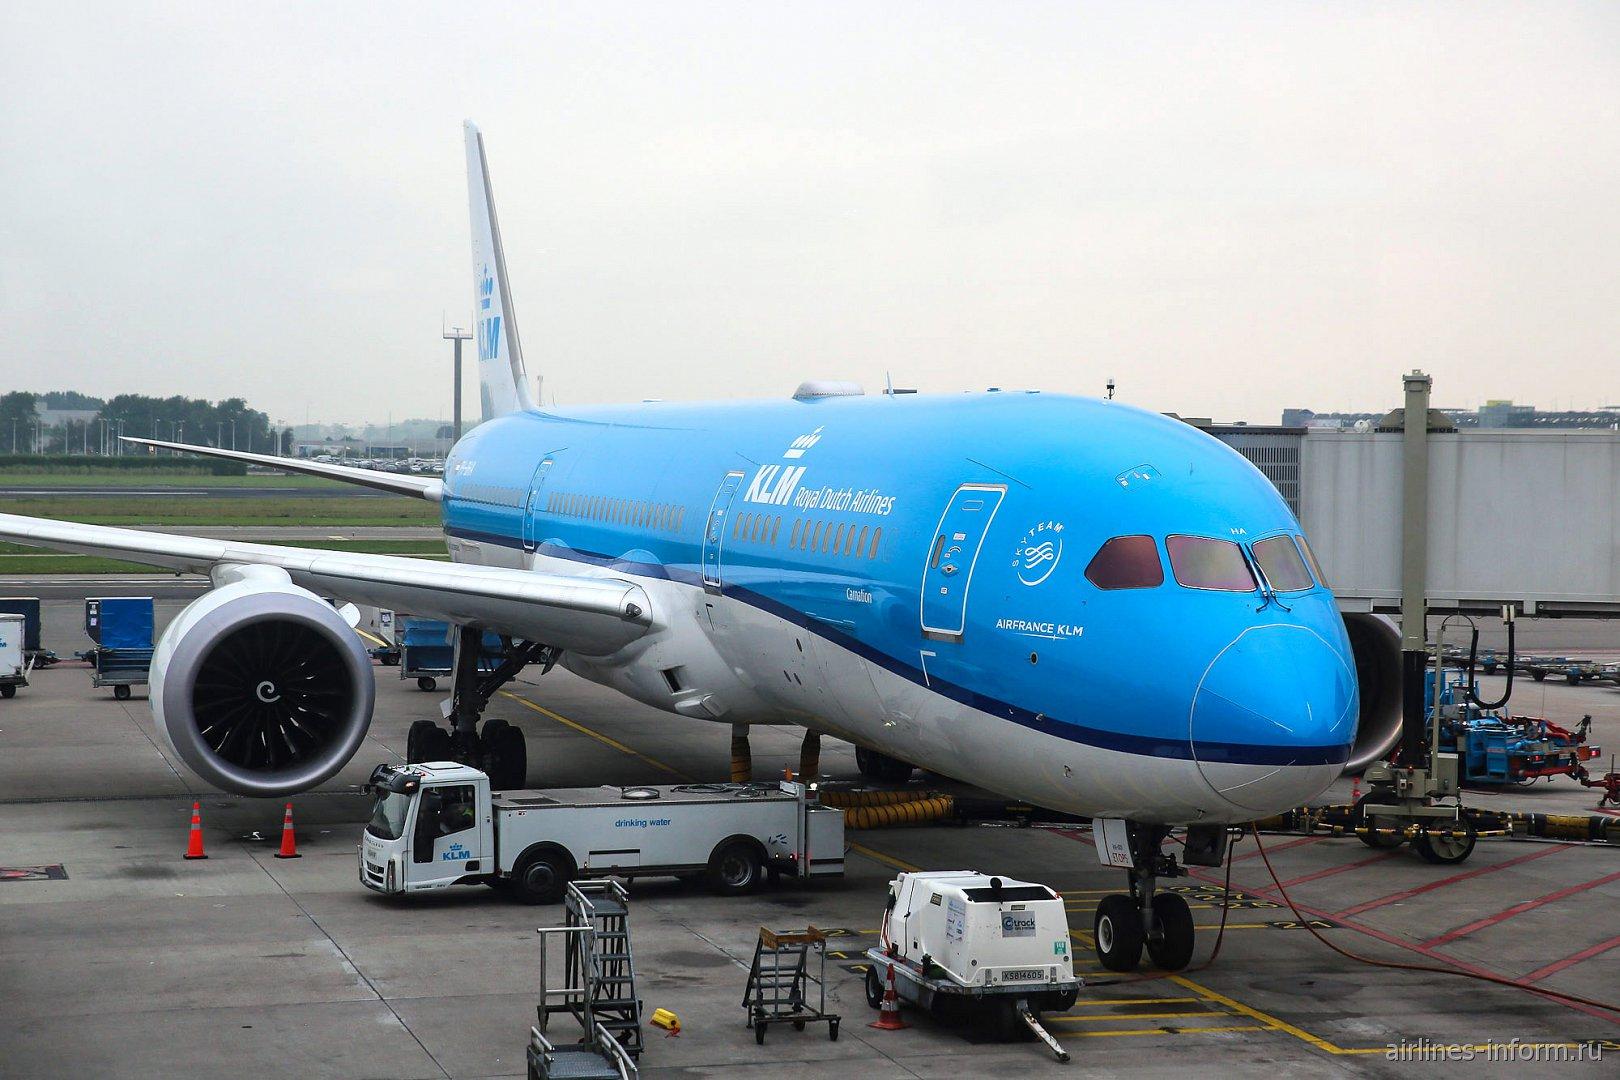 Боинг-787-9 авиакомпании KLM в аэропорту Схипхол